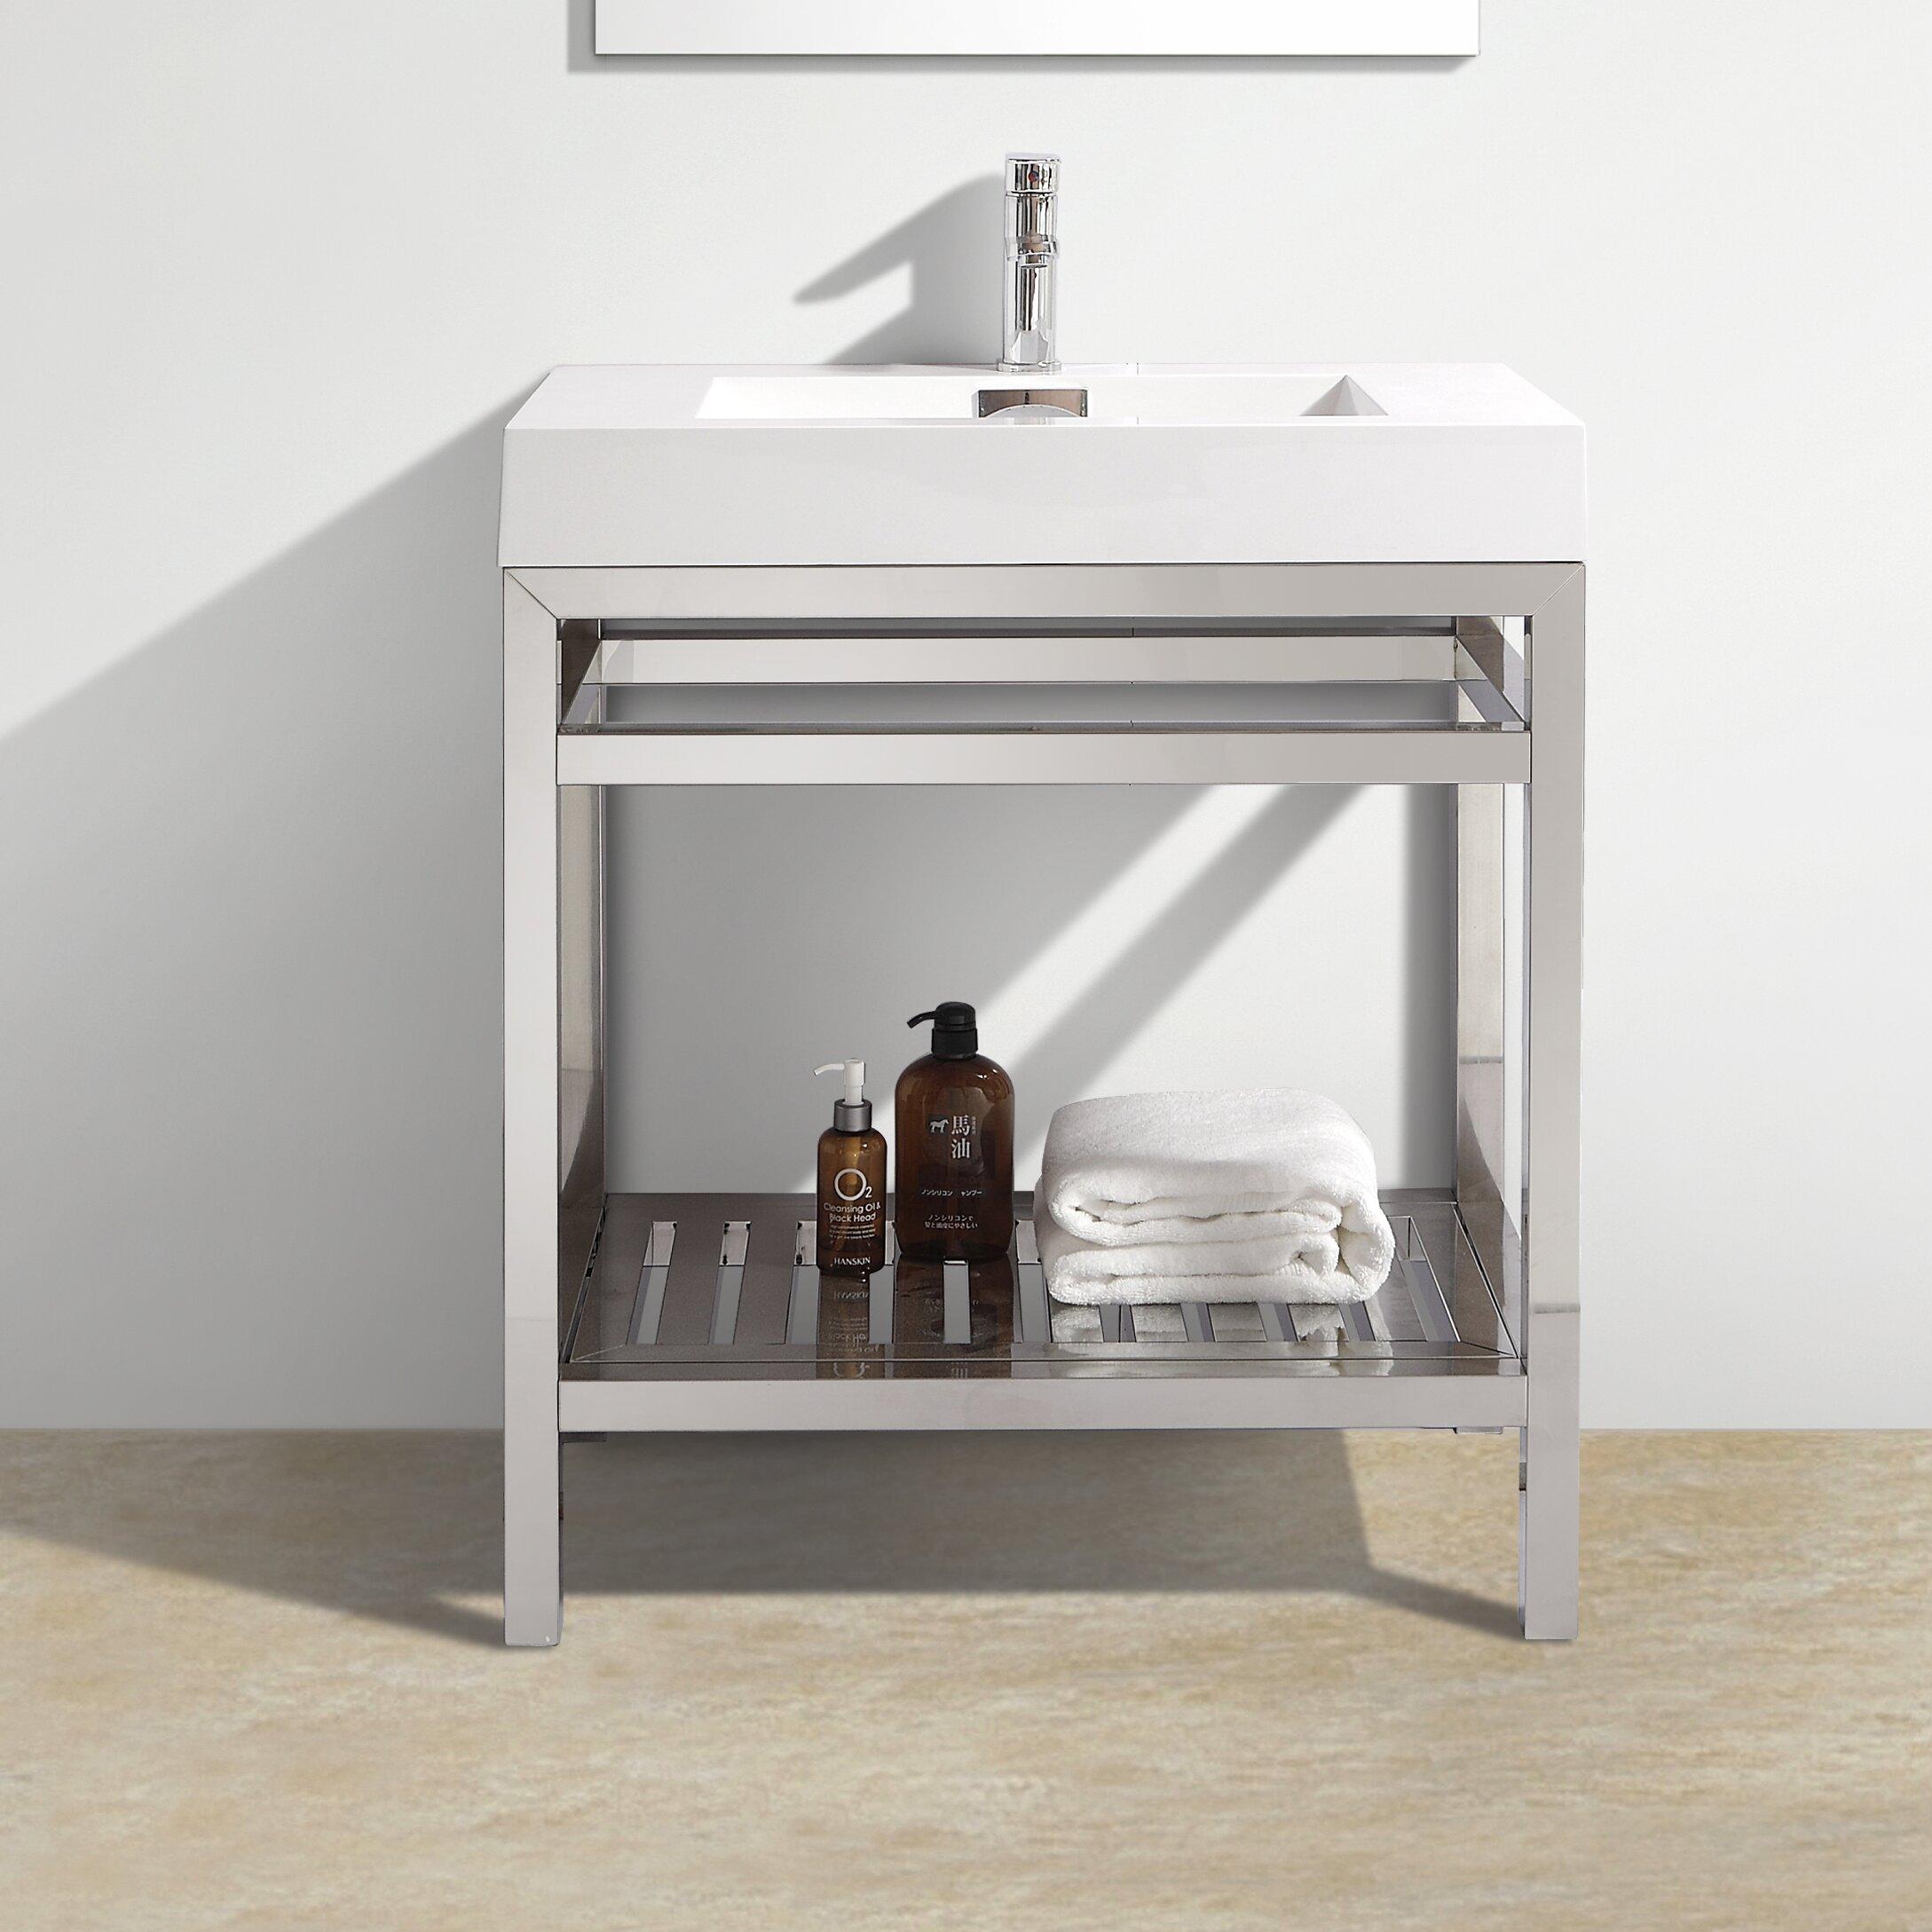 steel bathroom vanity. Stainless Steel Bathroom Vanity